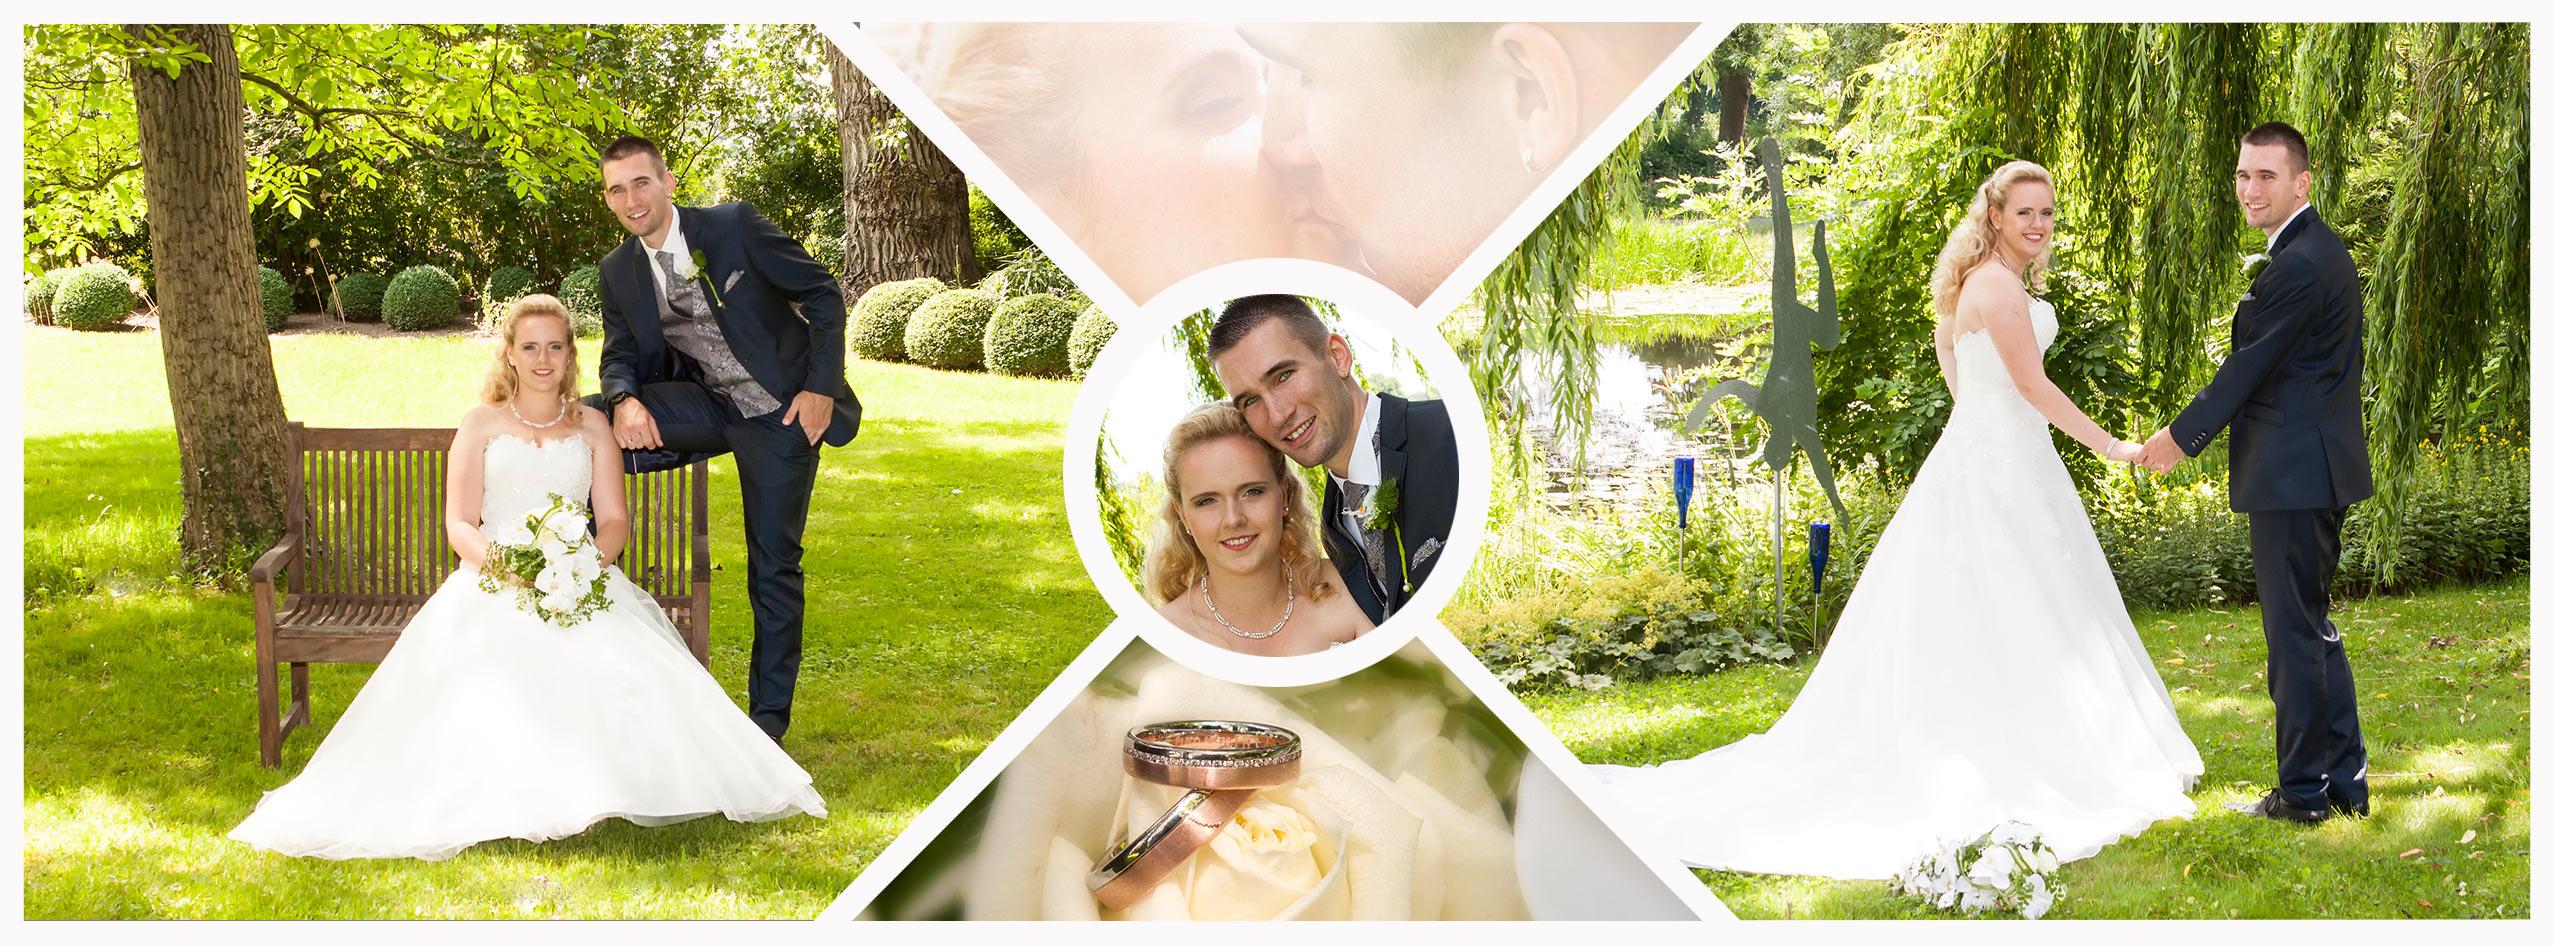 Vom Hochzeitsfotograf Hannover gemachte Hochzeitsbilder vom Brautpaarshooting. Tolle kreative, moderne Hochzeitsbilder vom Fotografenmeister Andreas Hoffmann bekannt als Hochzeitsfotograf Hannover